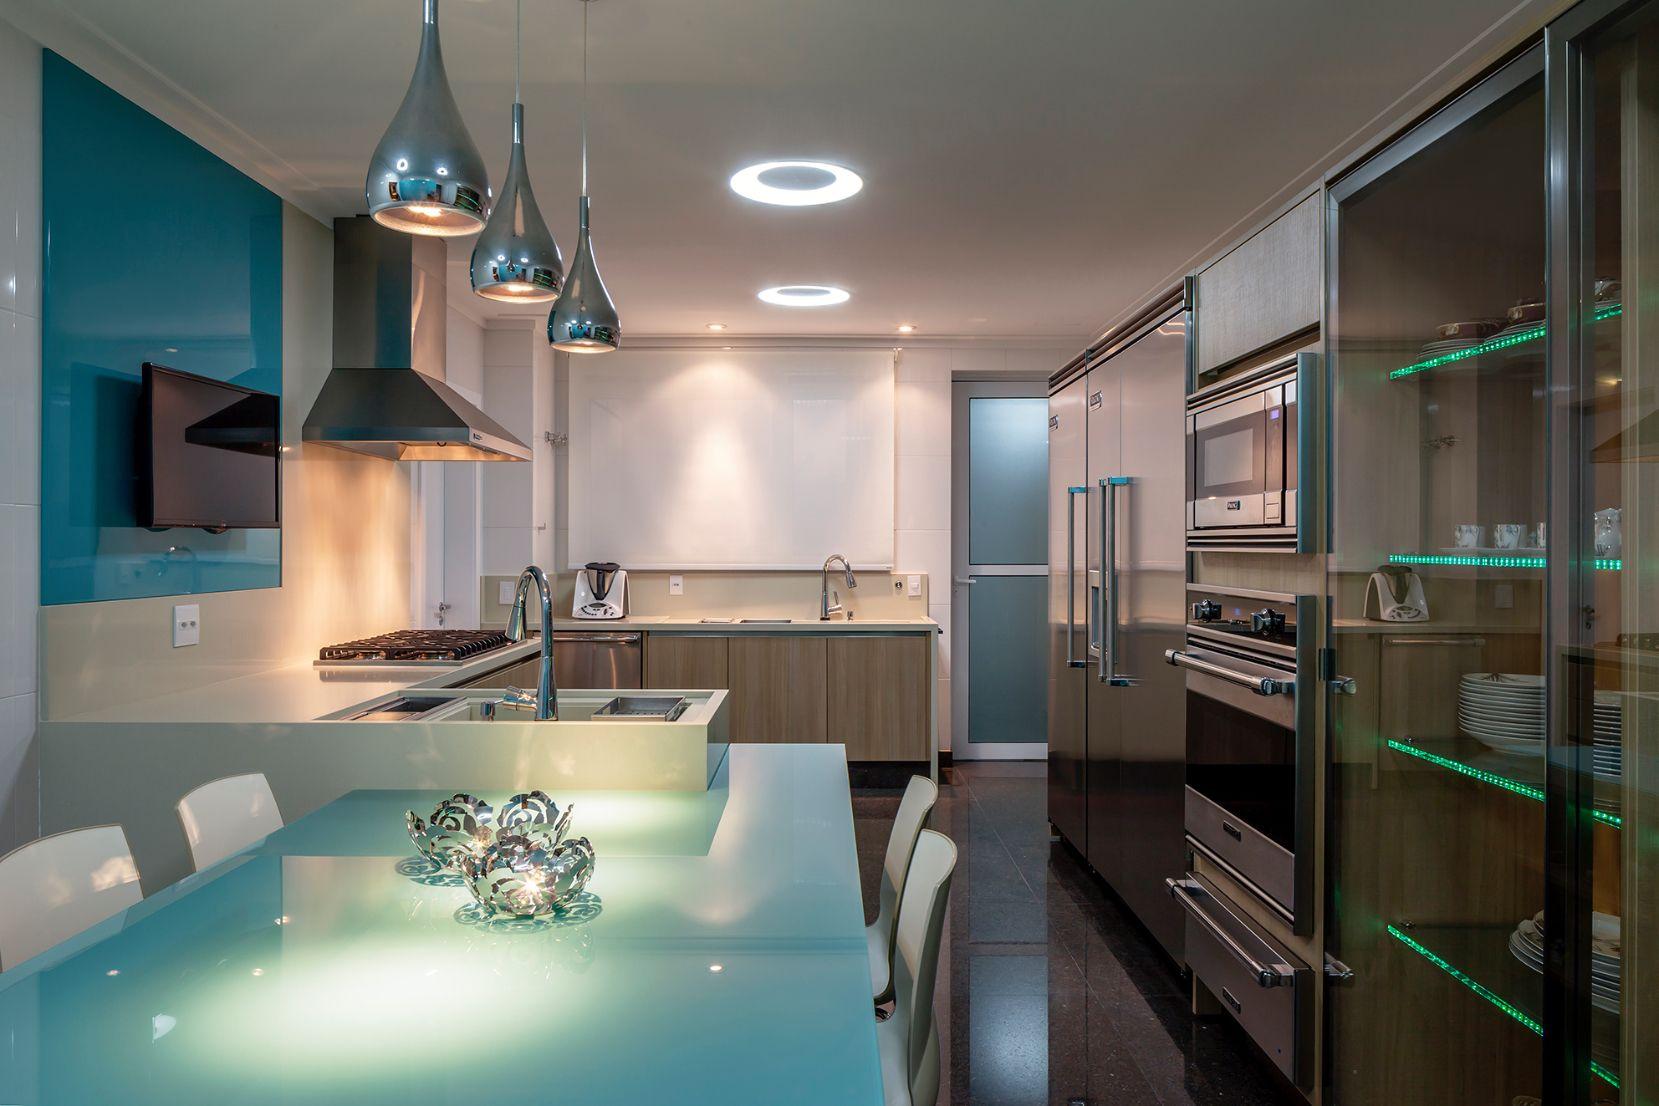 Wunderbar Küche Bad Design Jackson Fl Fotos - Ideen Für Die Küche ...